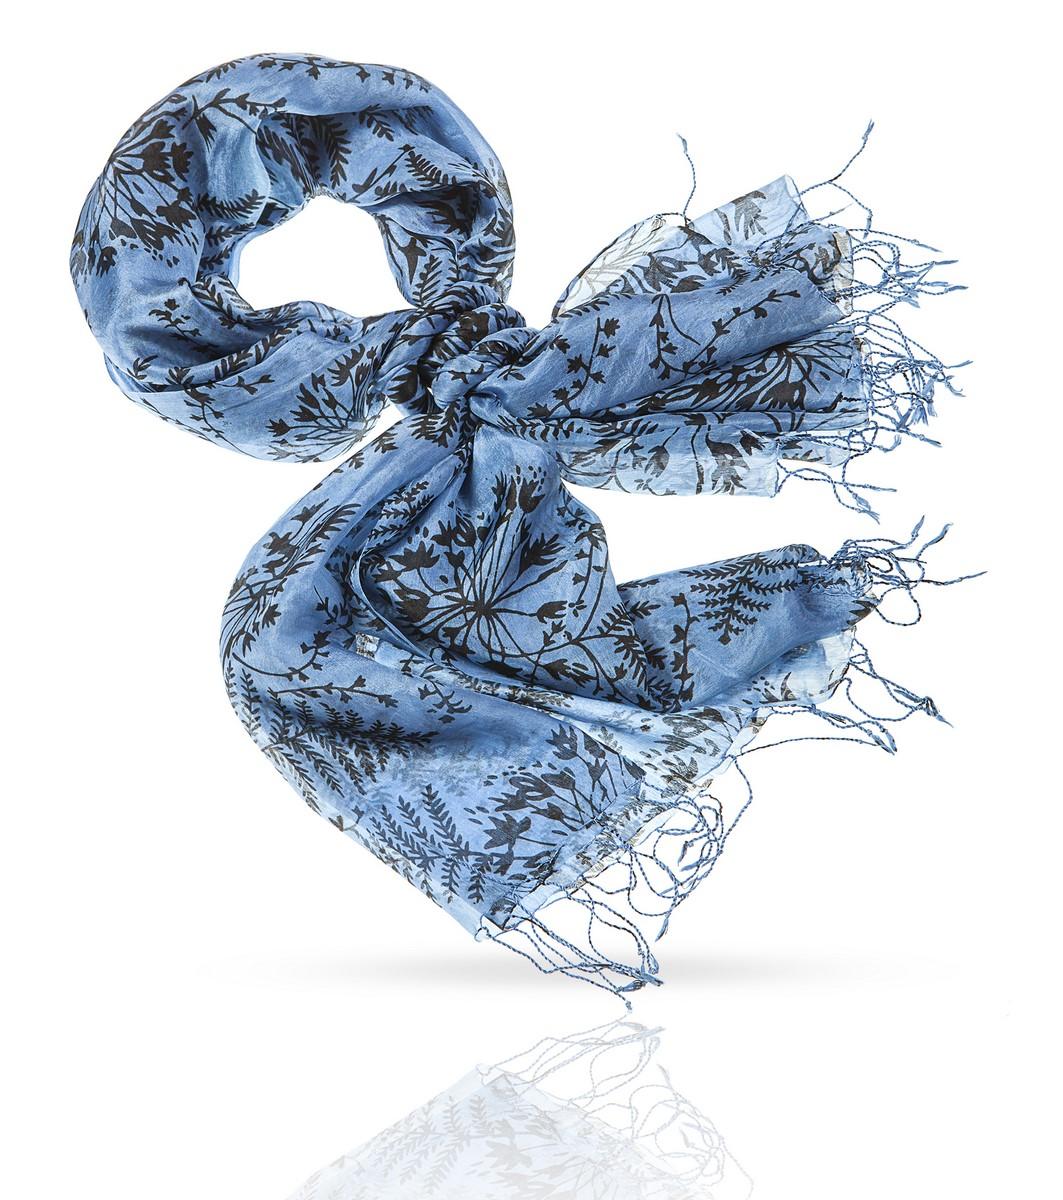 Палантин Michel Katana, цвет: голубой, черный. S-LITTLE.FERN. Размер 110 см х 180 смS-LITTLE.FERN/NAVYПричудливая игра тонких лепестков, ритмичная гармония кружевных листьев, изящные линии и деликатные тона этого палантина - квинтэссенция французского представления о том, каким должен быть идеальный аксессуар для женщины. Преданный слуга вашей красоты. Безупречно нежный и изысканный в каждой детали. Совершенный настолько, что вы можете о нем забыть, но не сможете без него обойтись. Это финальный, самый важный элемент вашего стиля - кусочек пазла, завершающий картину подлинного очарования.